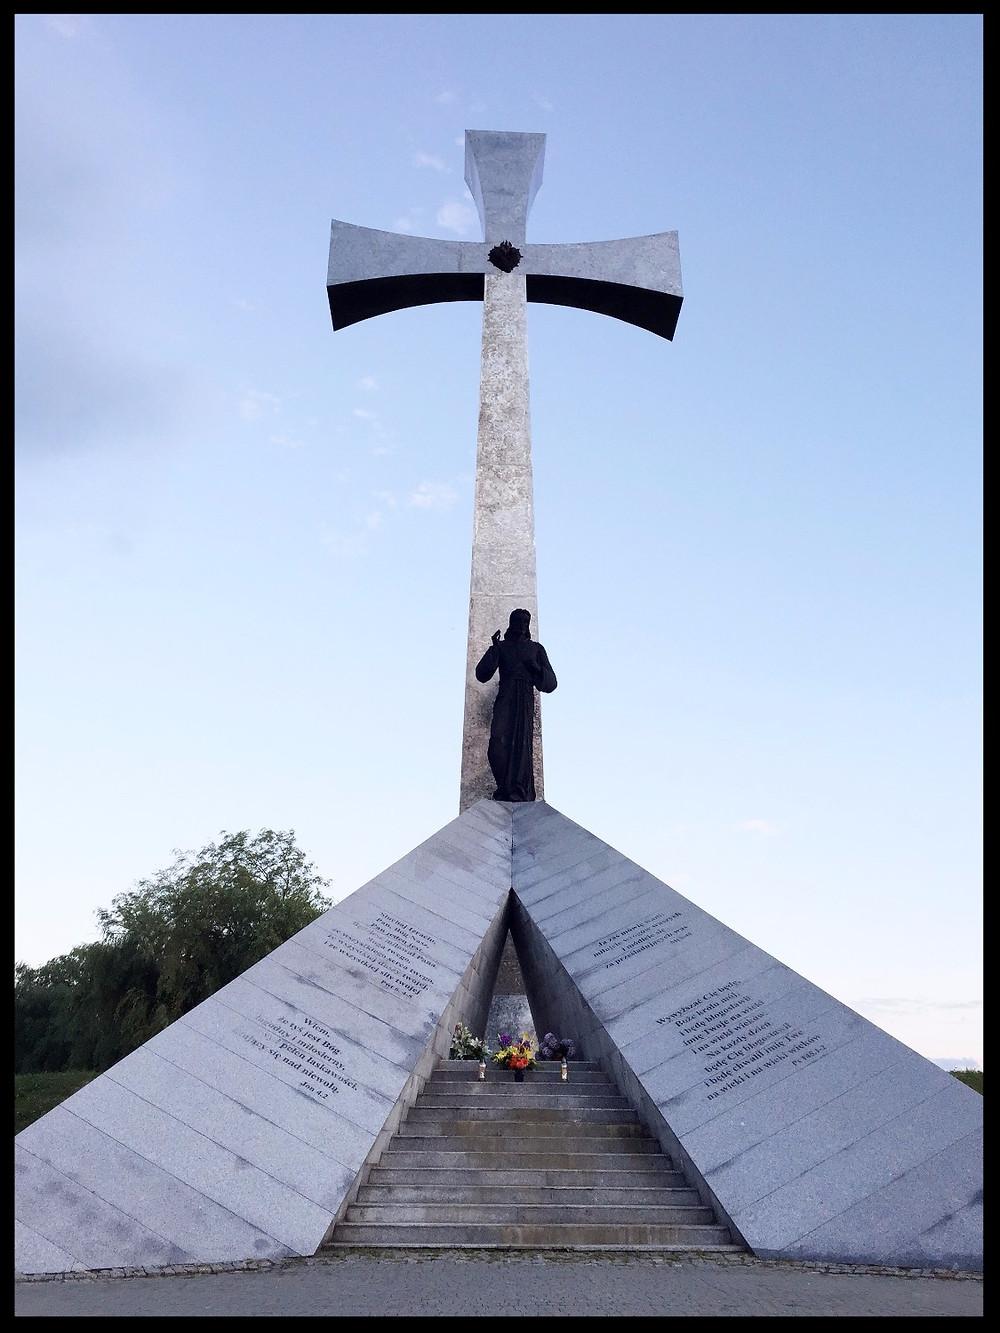 Krzyż Zawierzenia (Cross of Trust), Przemyśl, Poland